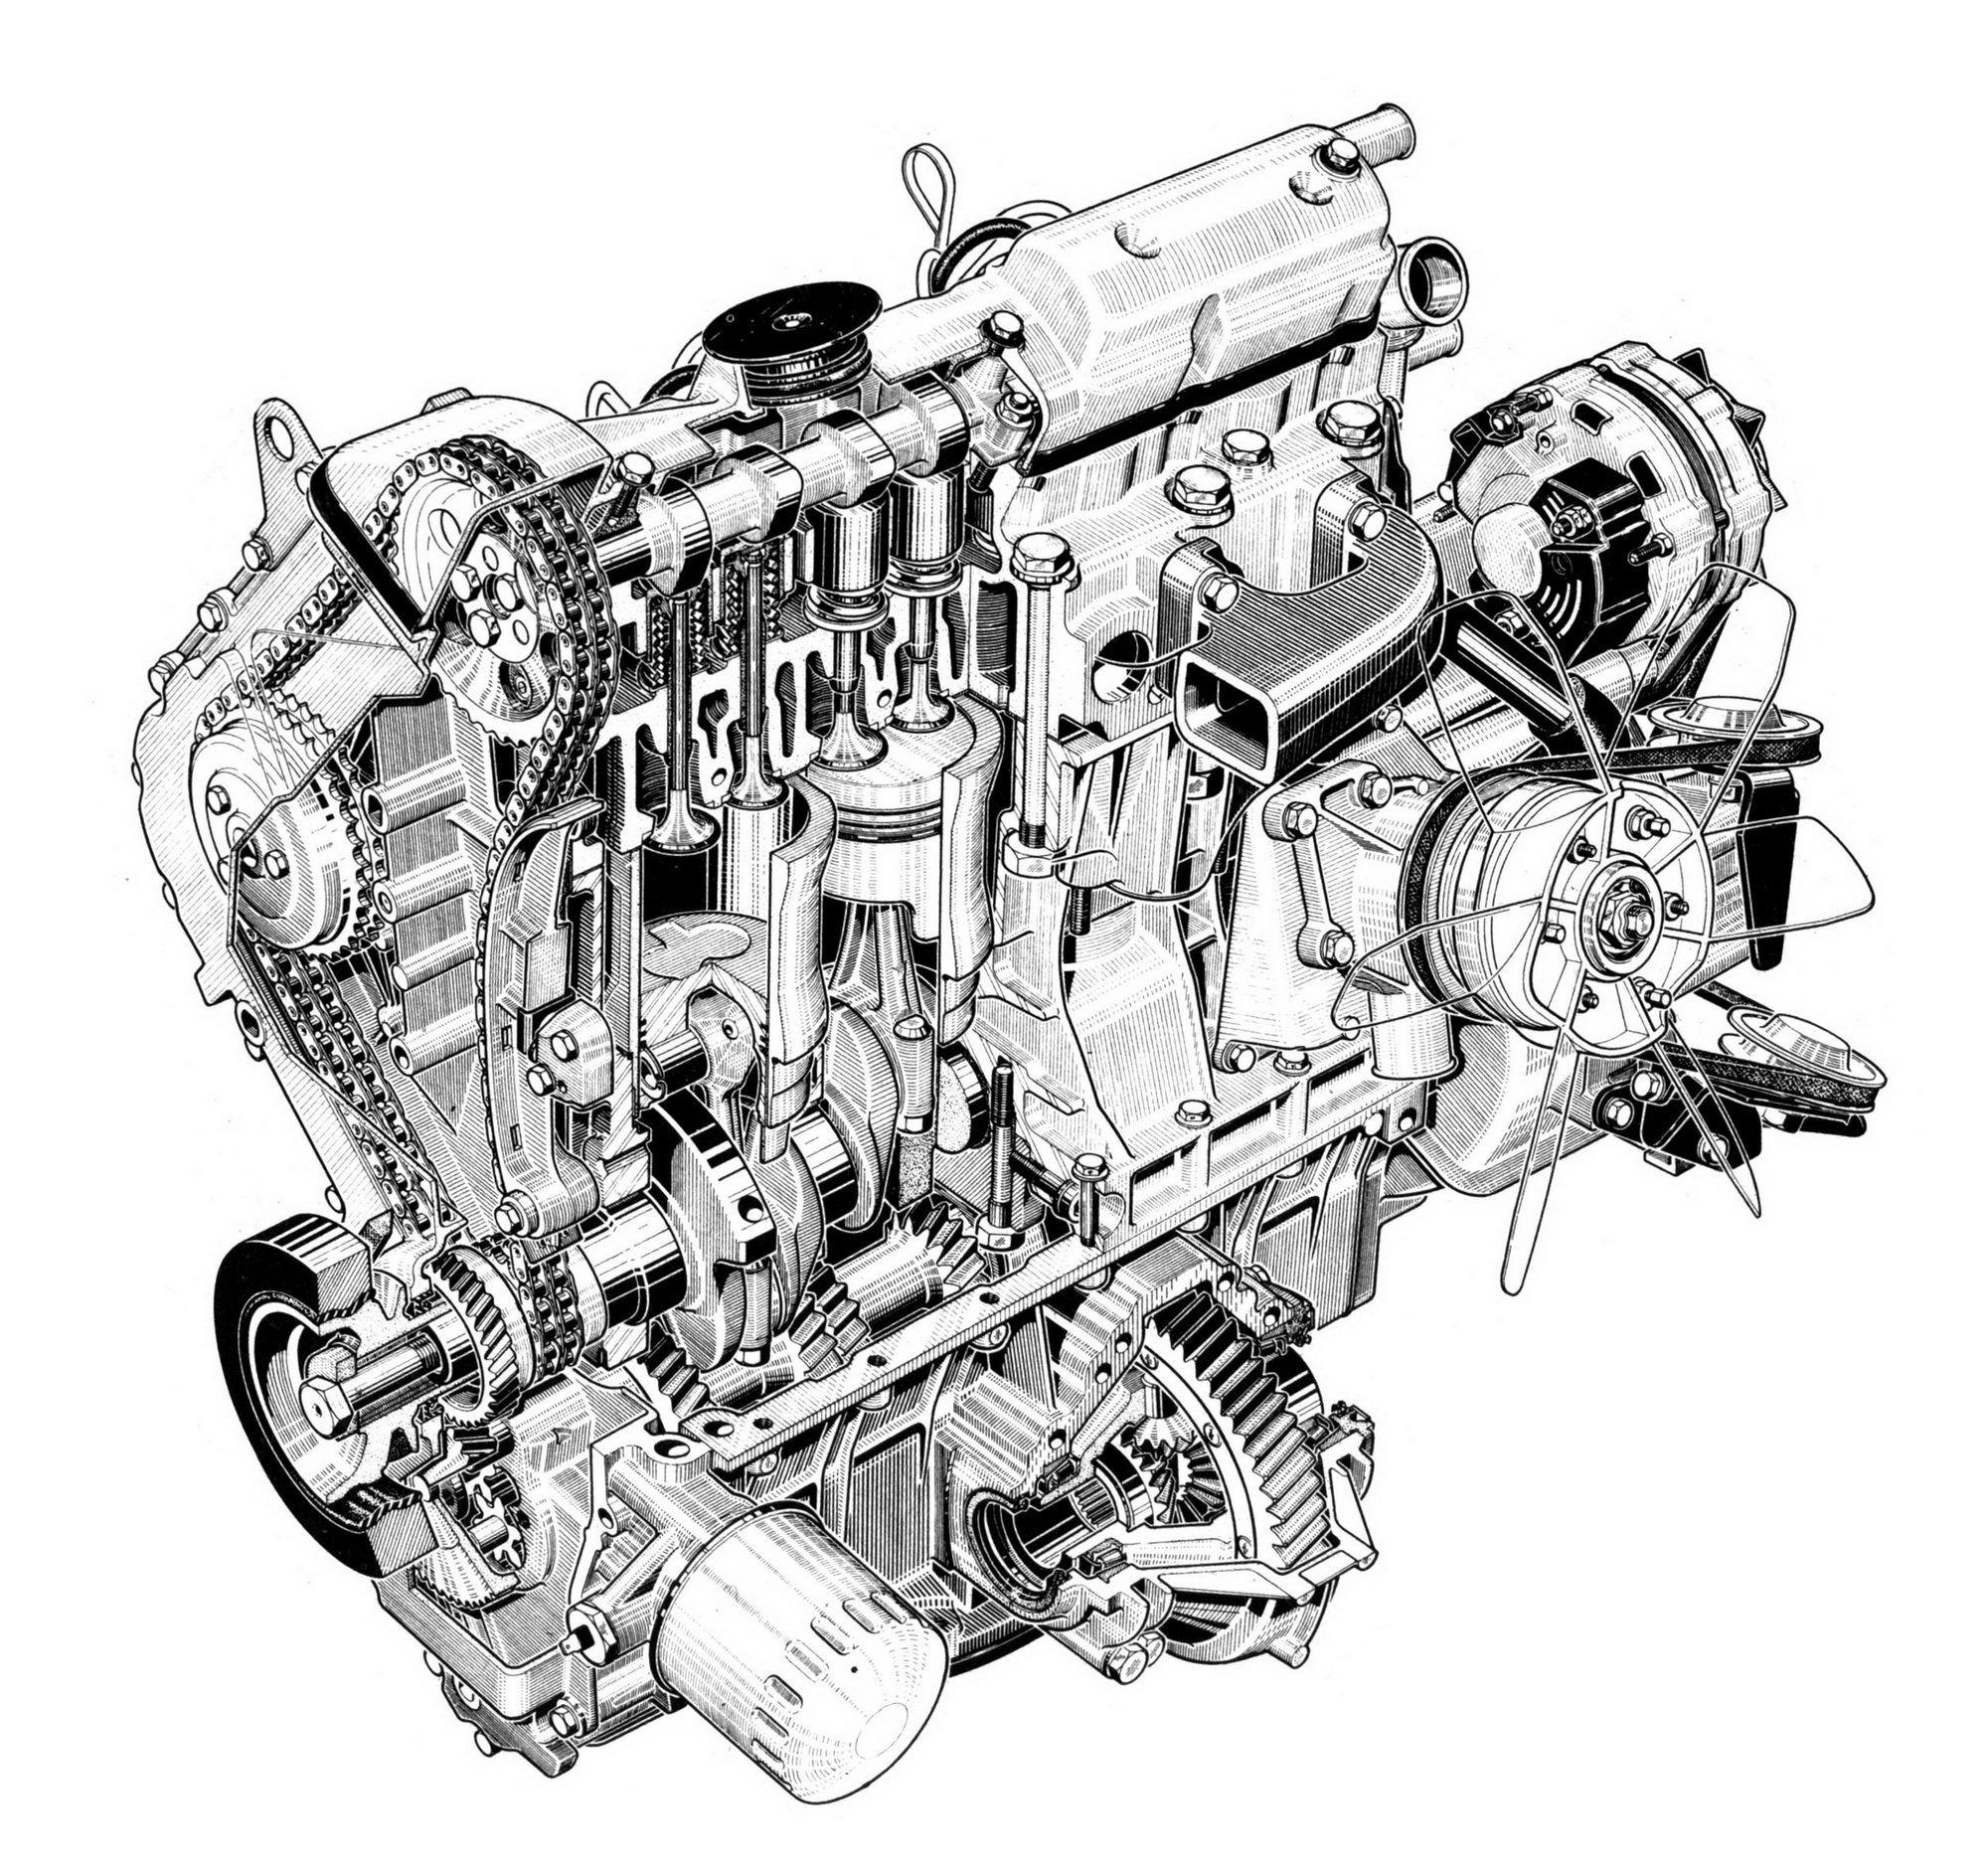 305 engine diagram peugeot    305    diesel    engine    by artist unknown cutaway  peugeot    305    diesel    engine    by artist unknown cutaway